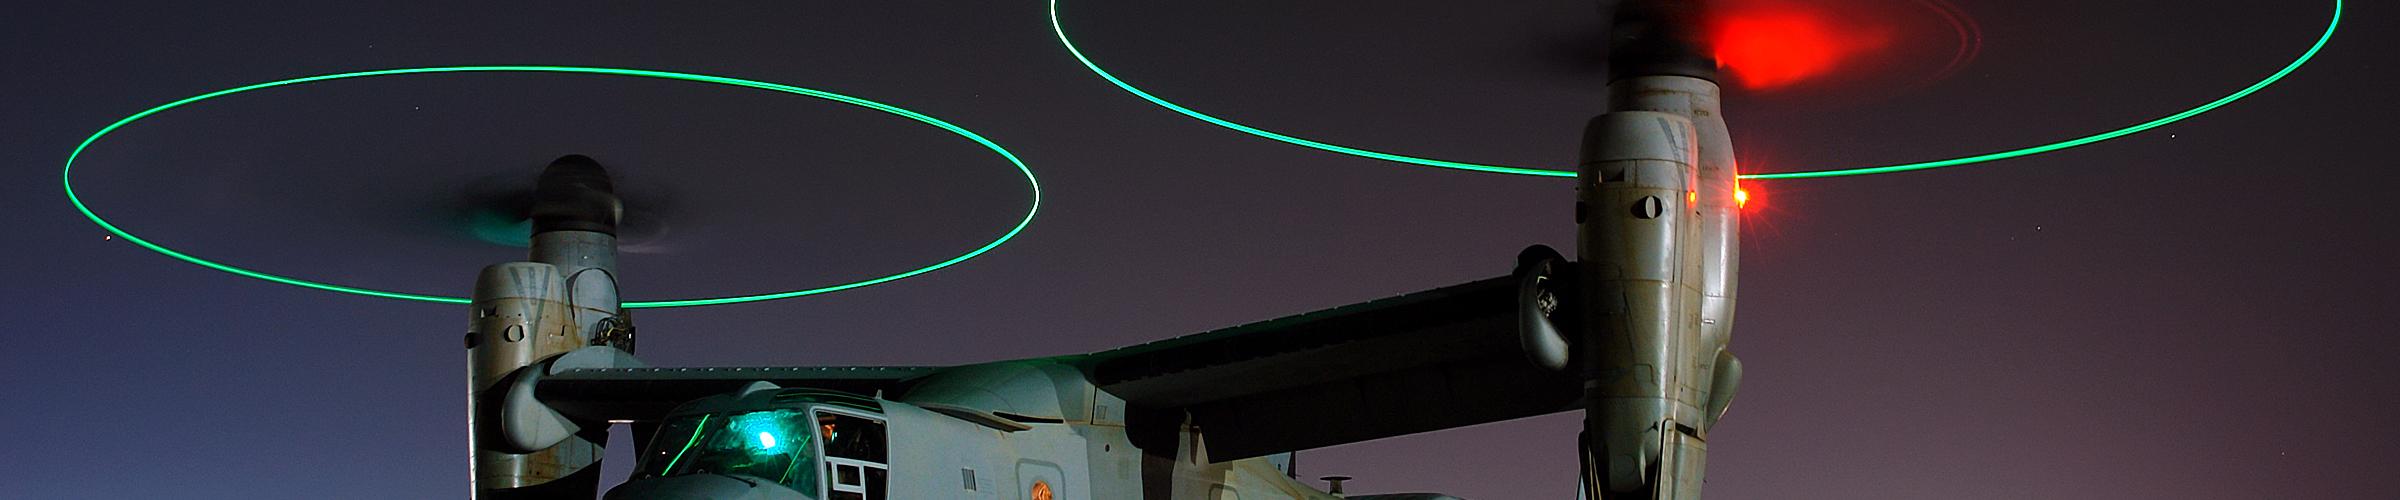 V-22 Osprey with blade tip lights